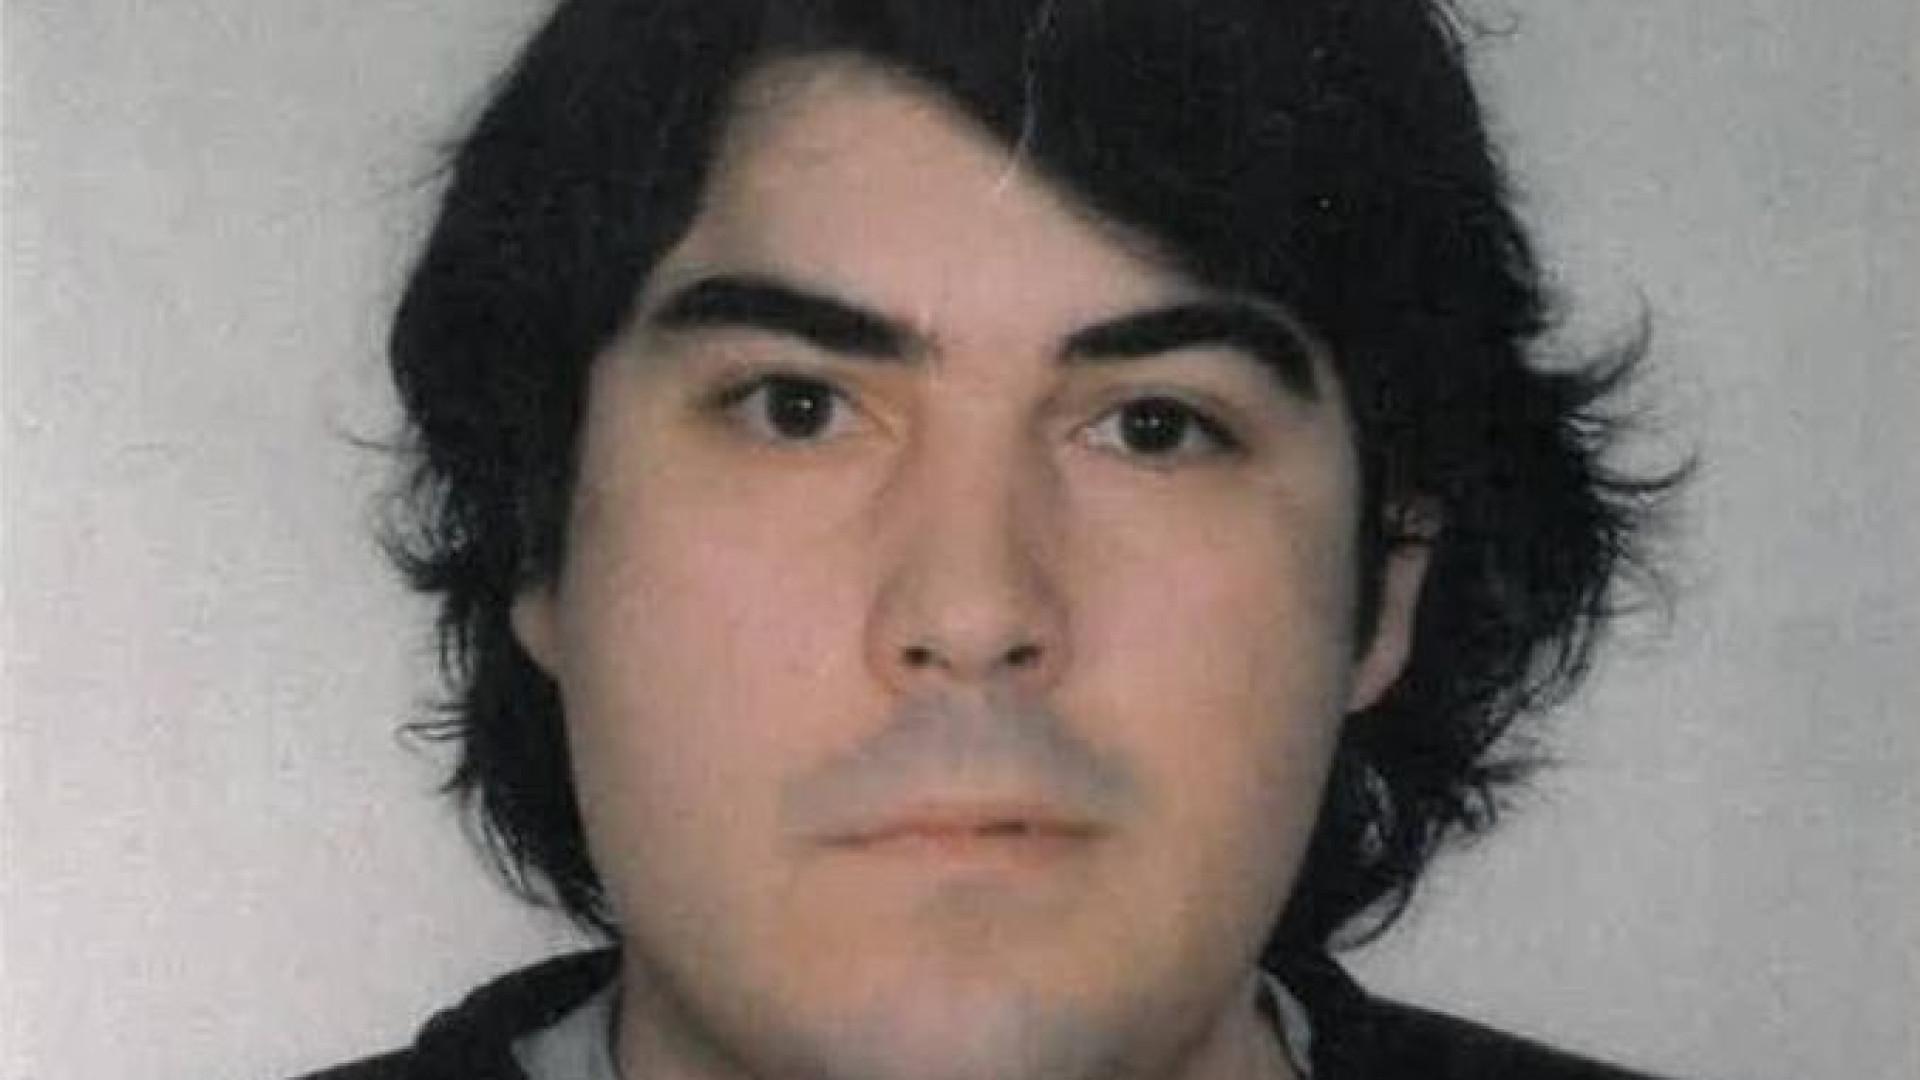 Português que desapareceu em França poderá sofrer de problemas psiquícos